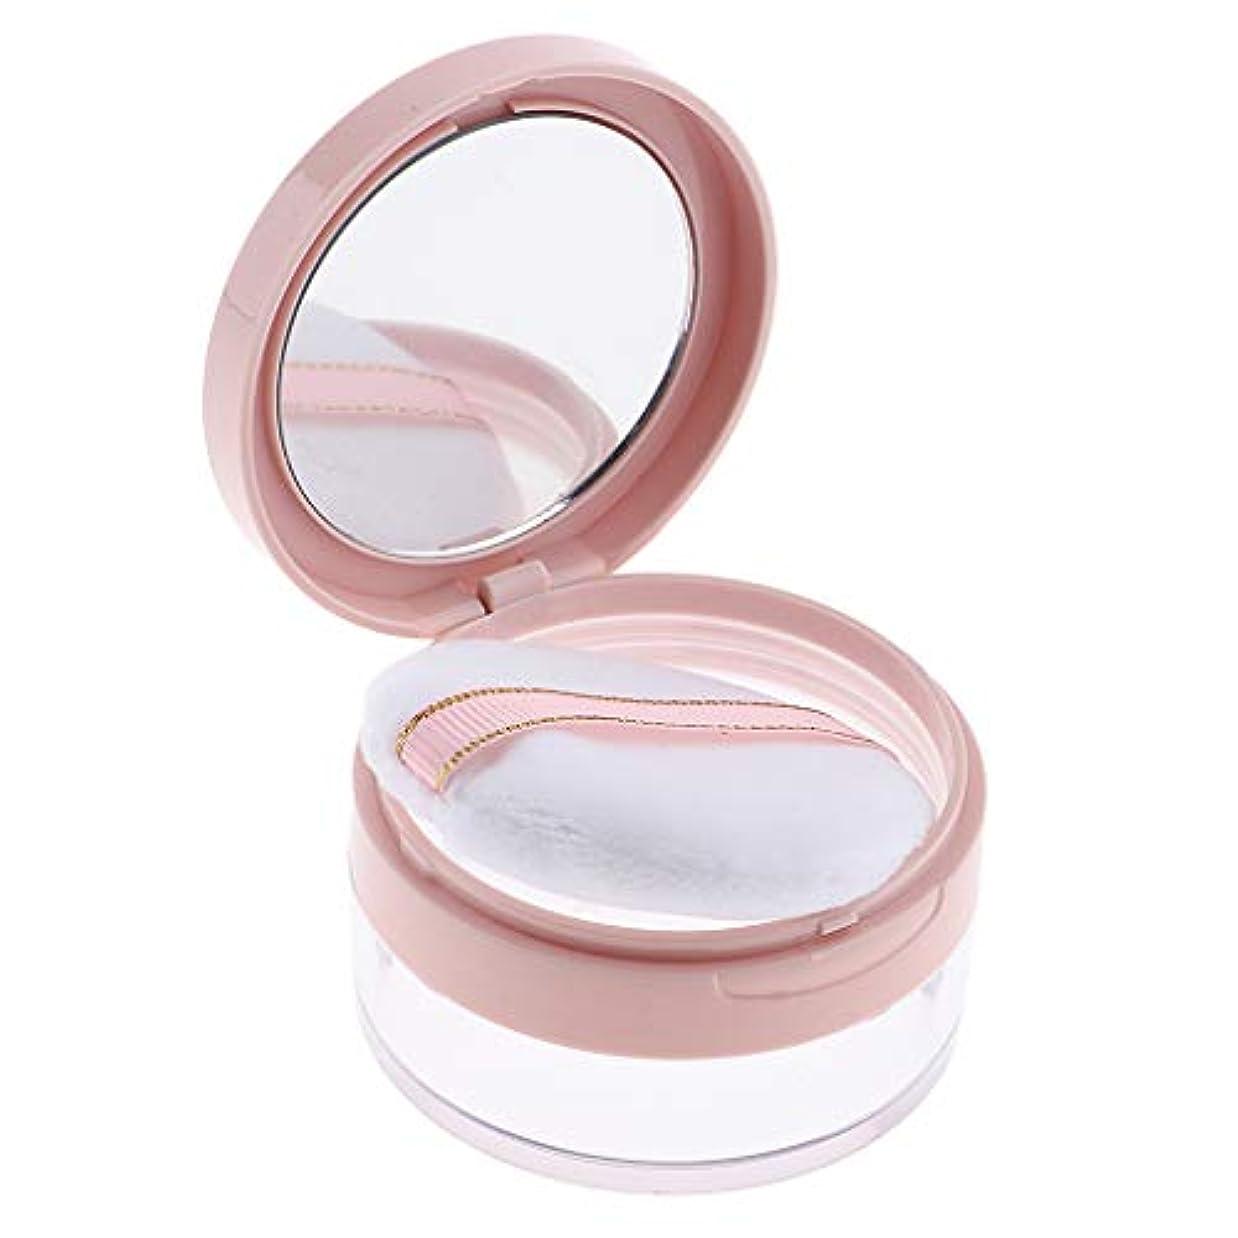 災難させる送金F Fityle パウダーケース 化粧品 ジャー 鏡 パフ 2色選べ - ピンク